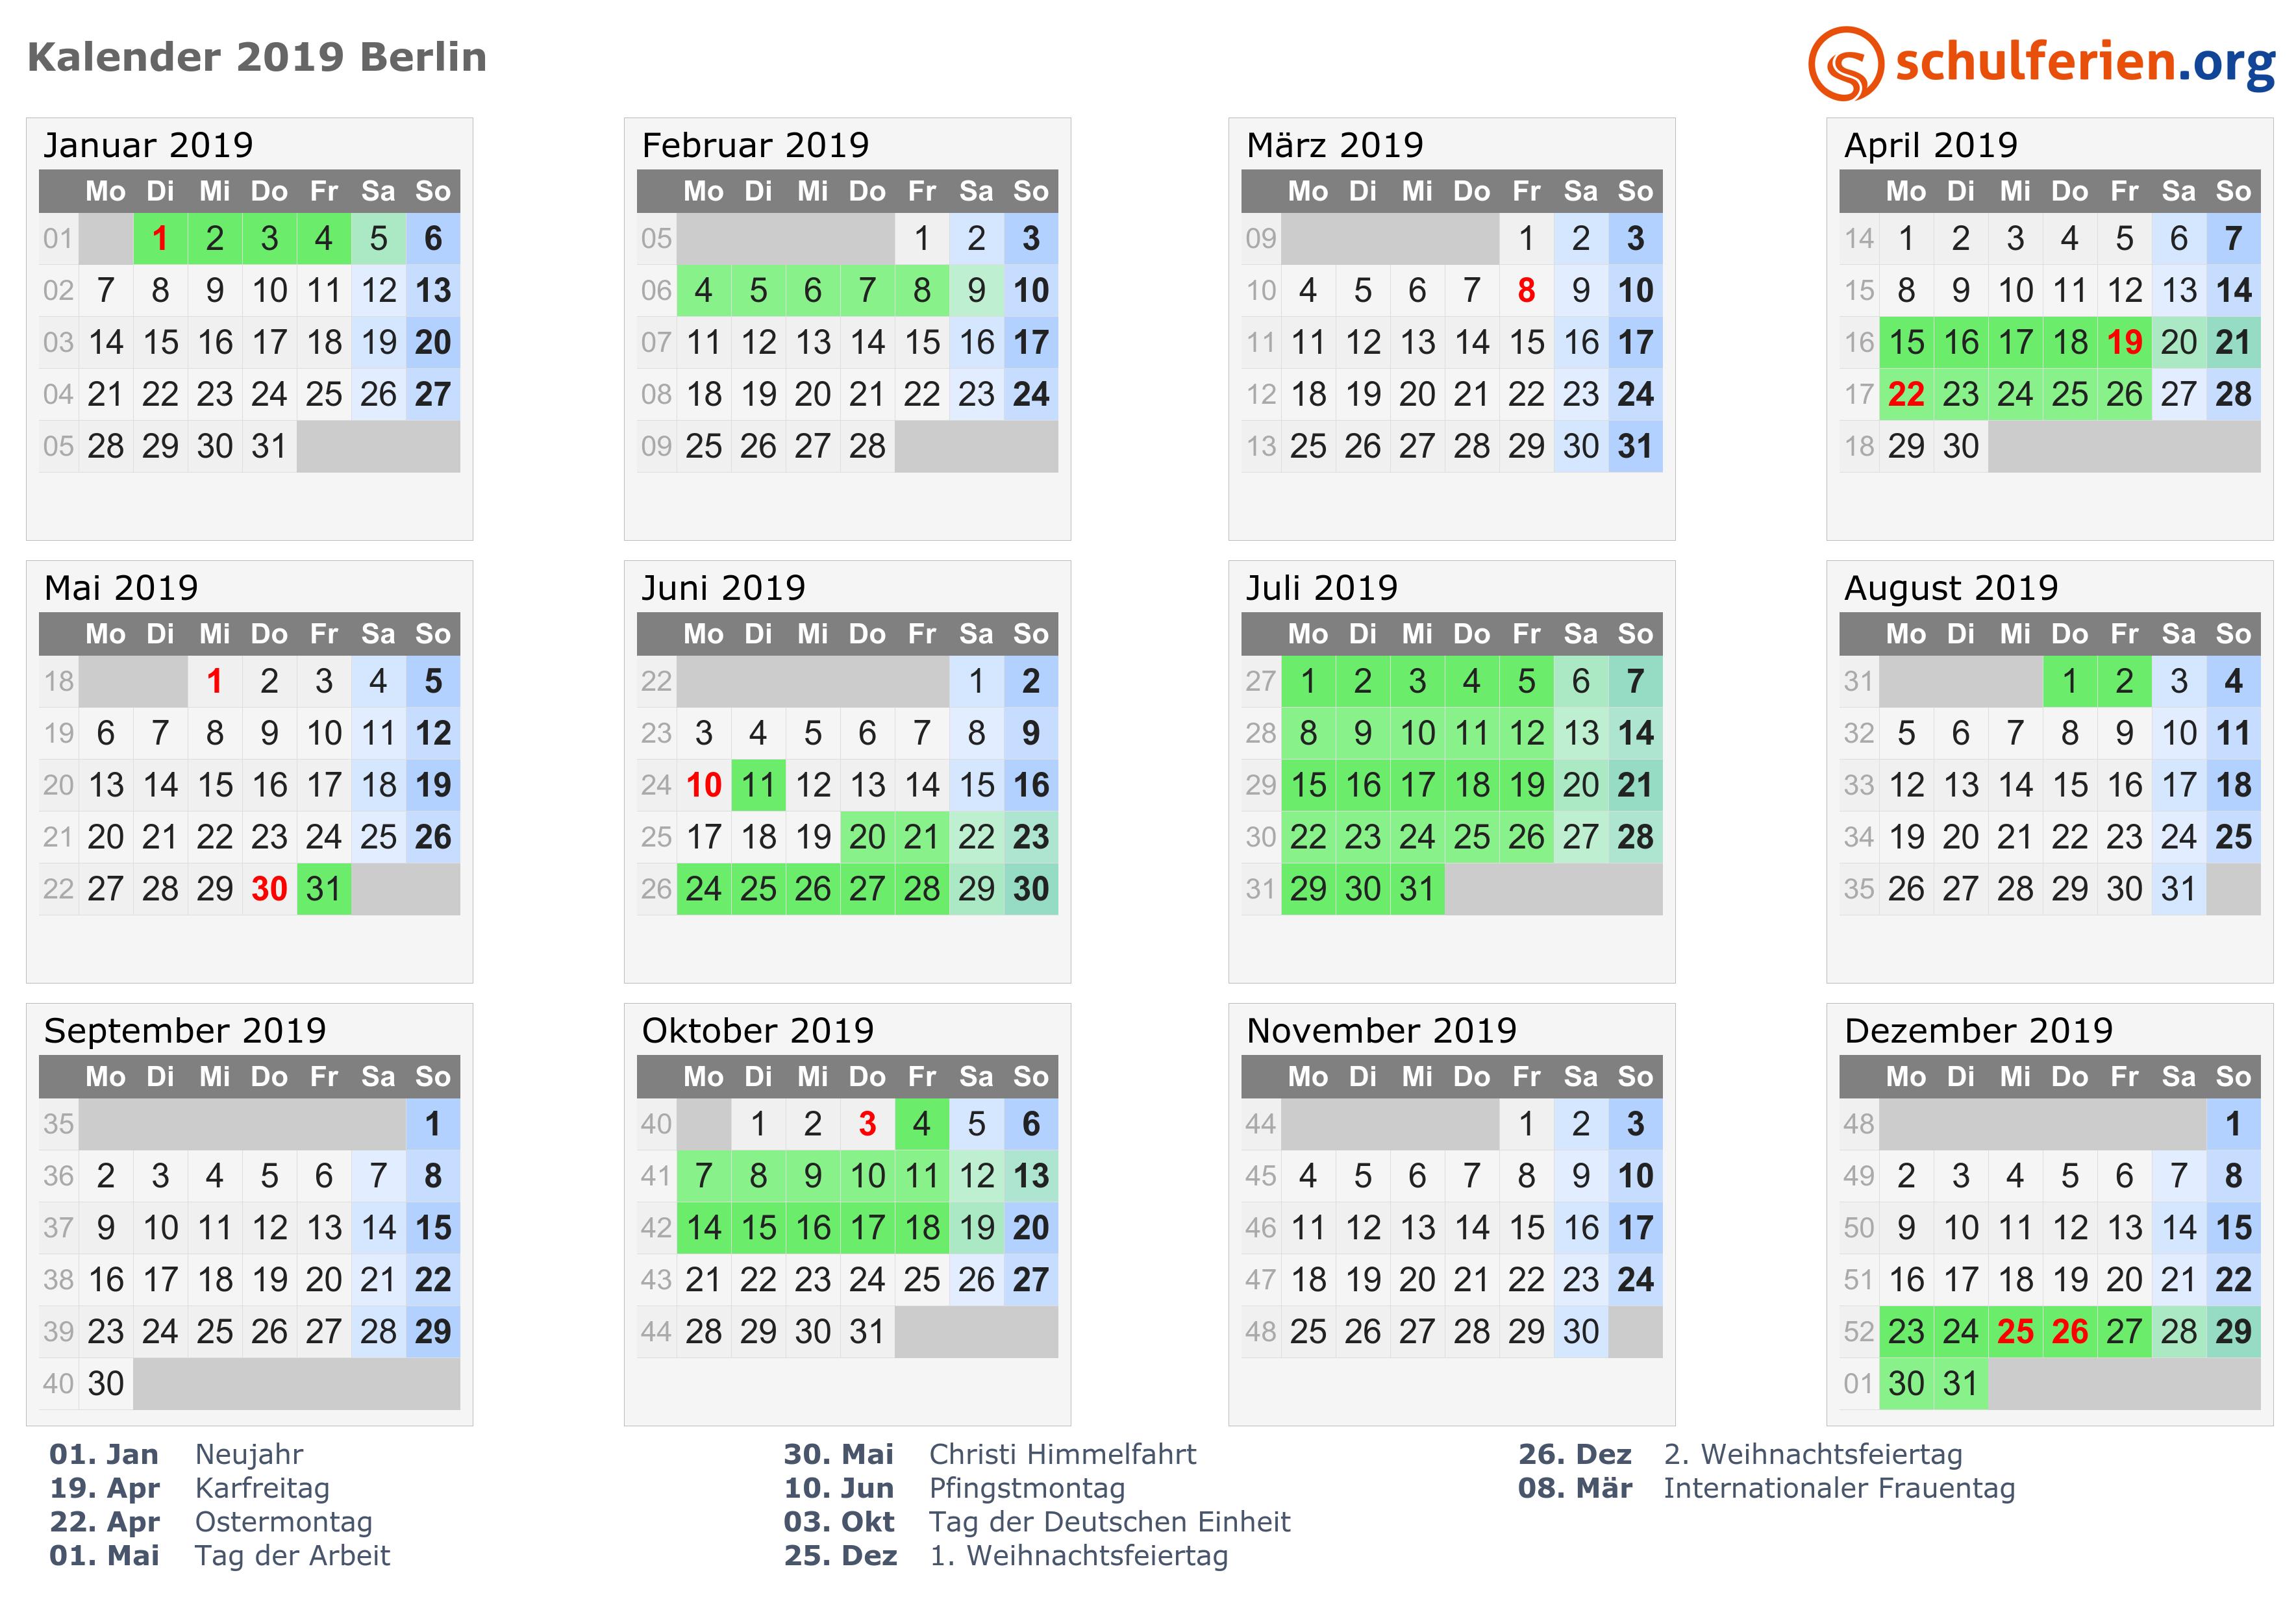 Weihnachten 2019 Berlin.Kalender 2019 2020 Berlin